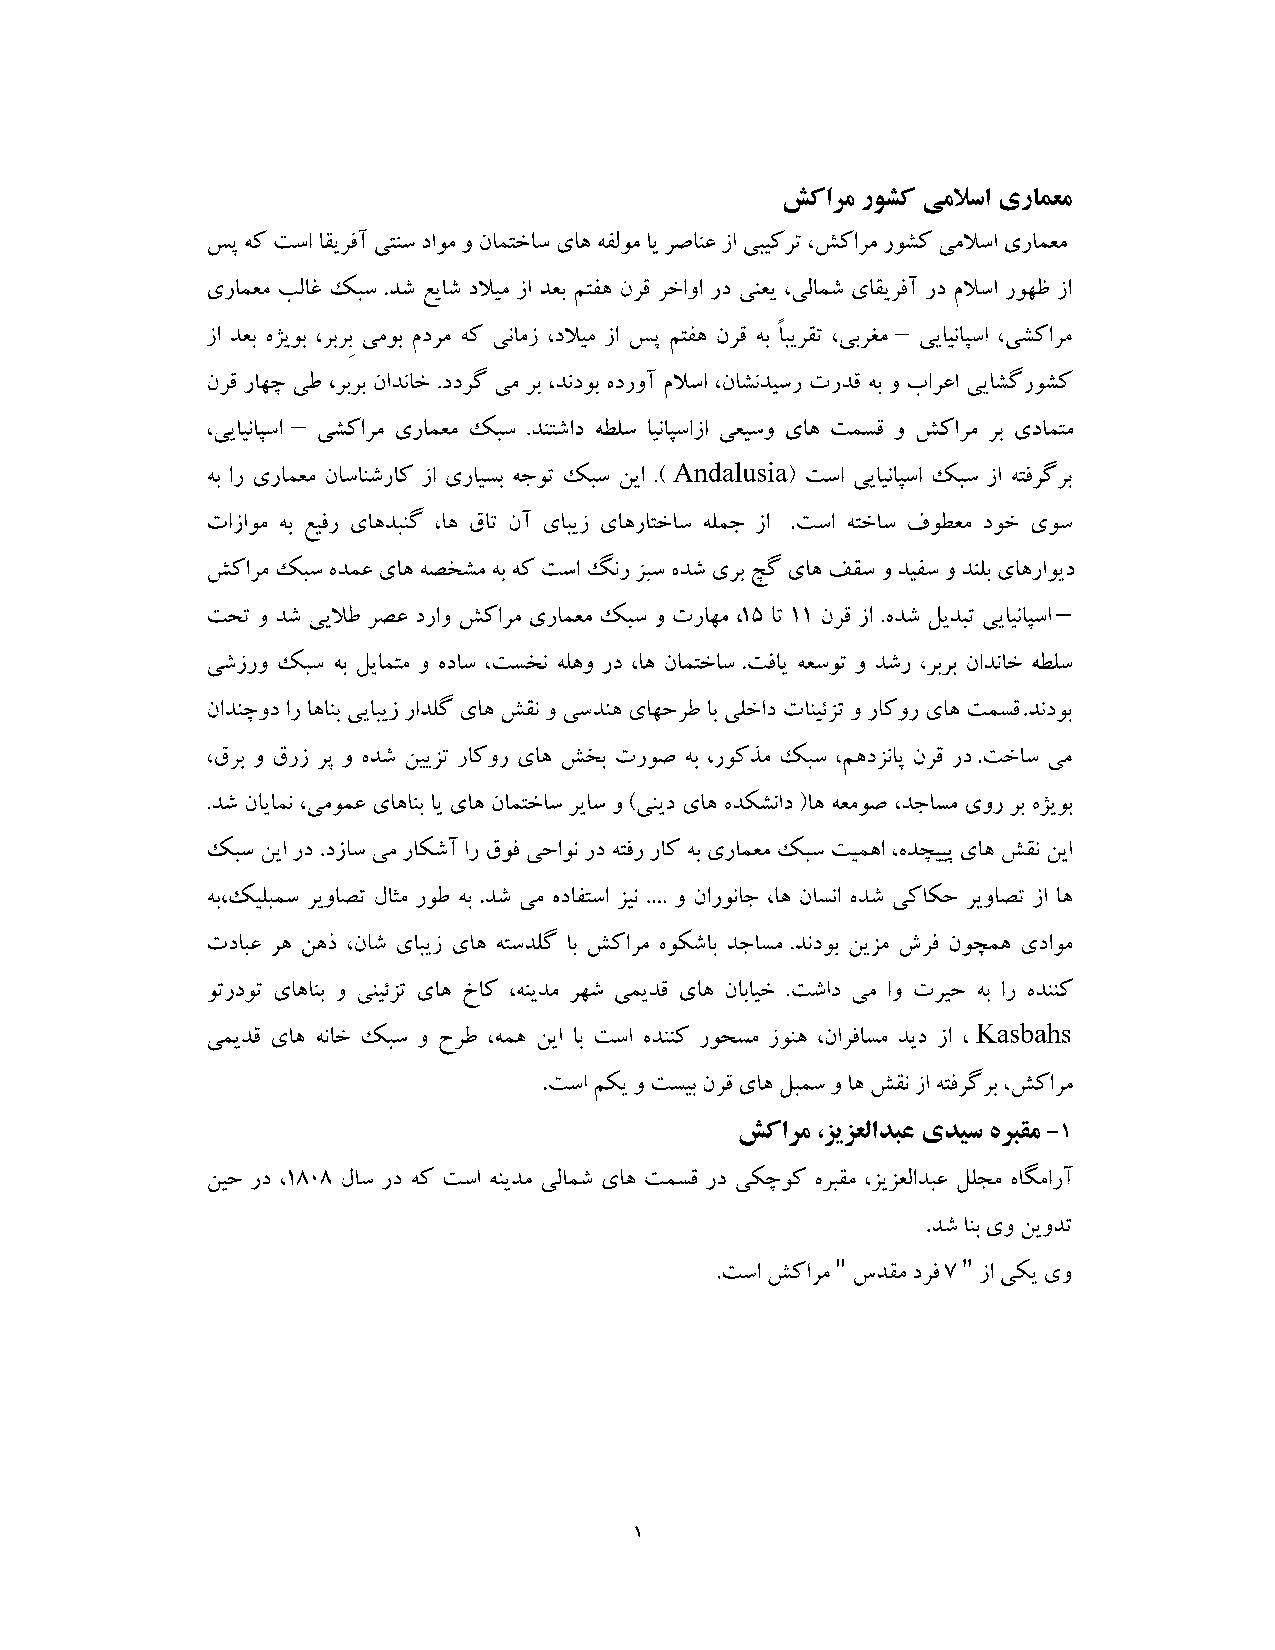 ترجمه مقاله و تحقیق - معماری اسلامی کشور مراکش12